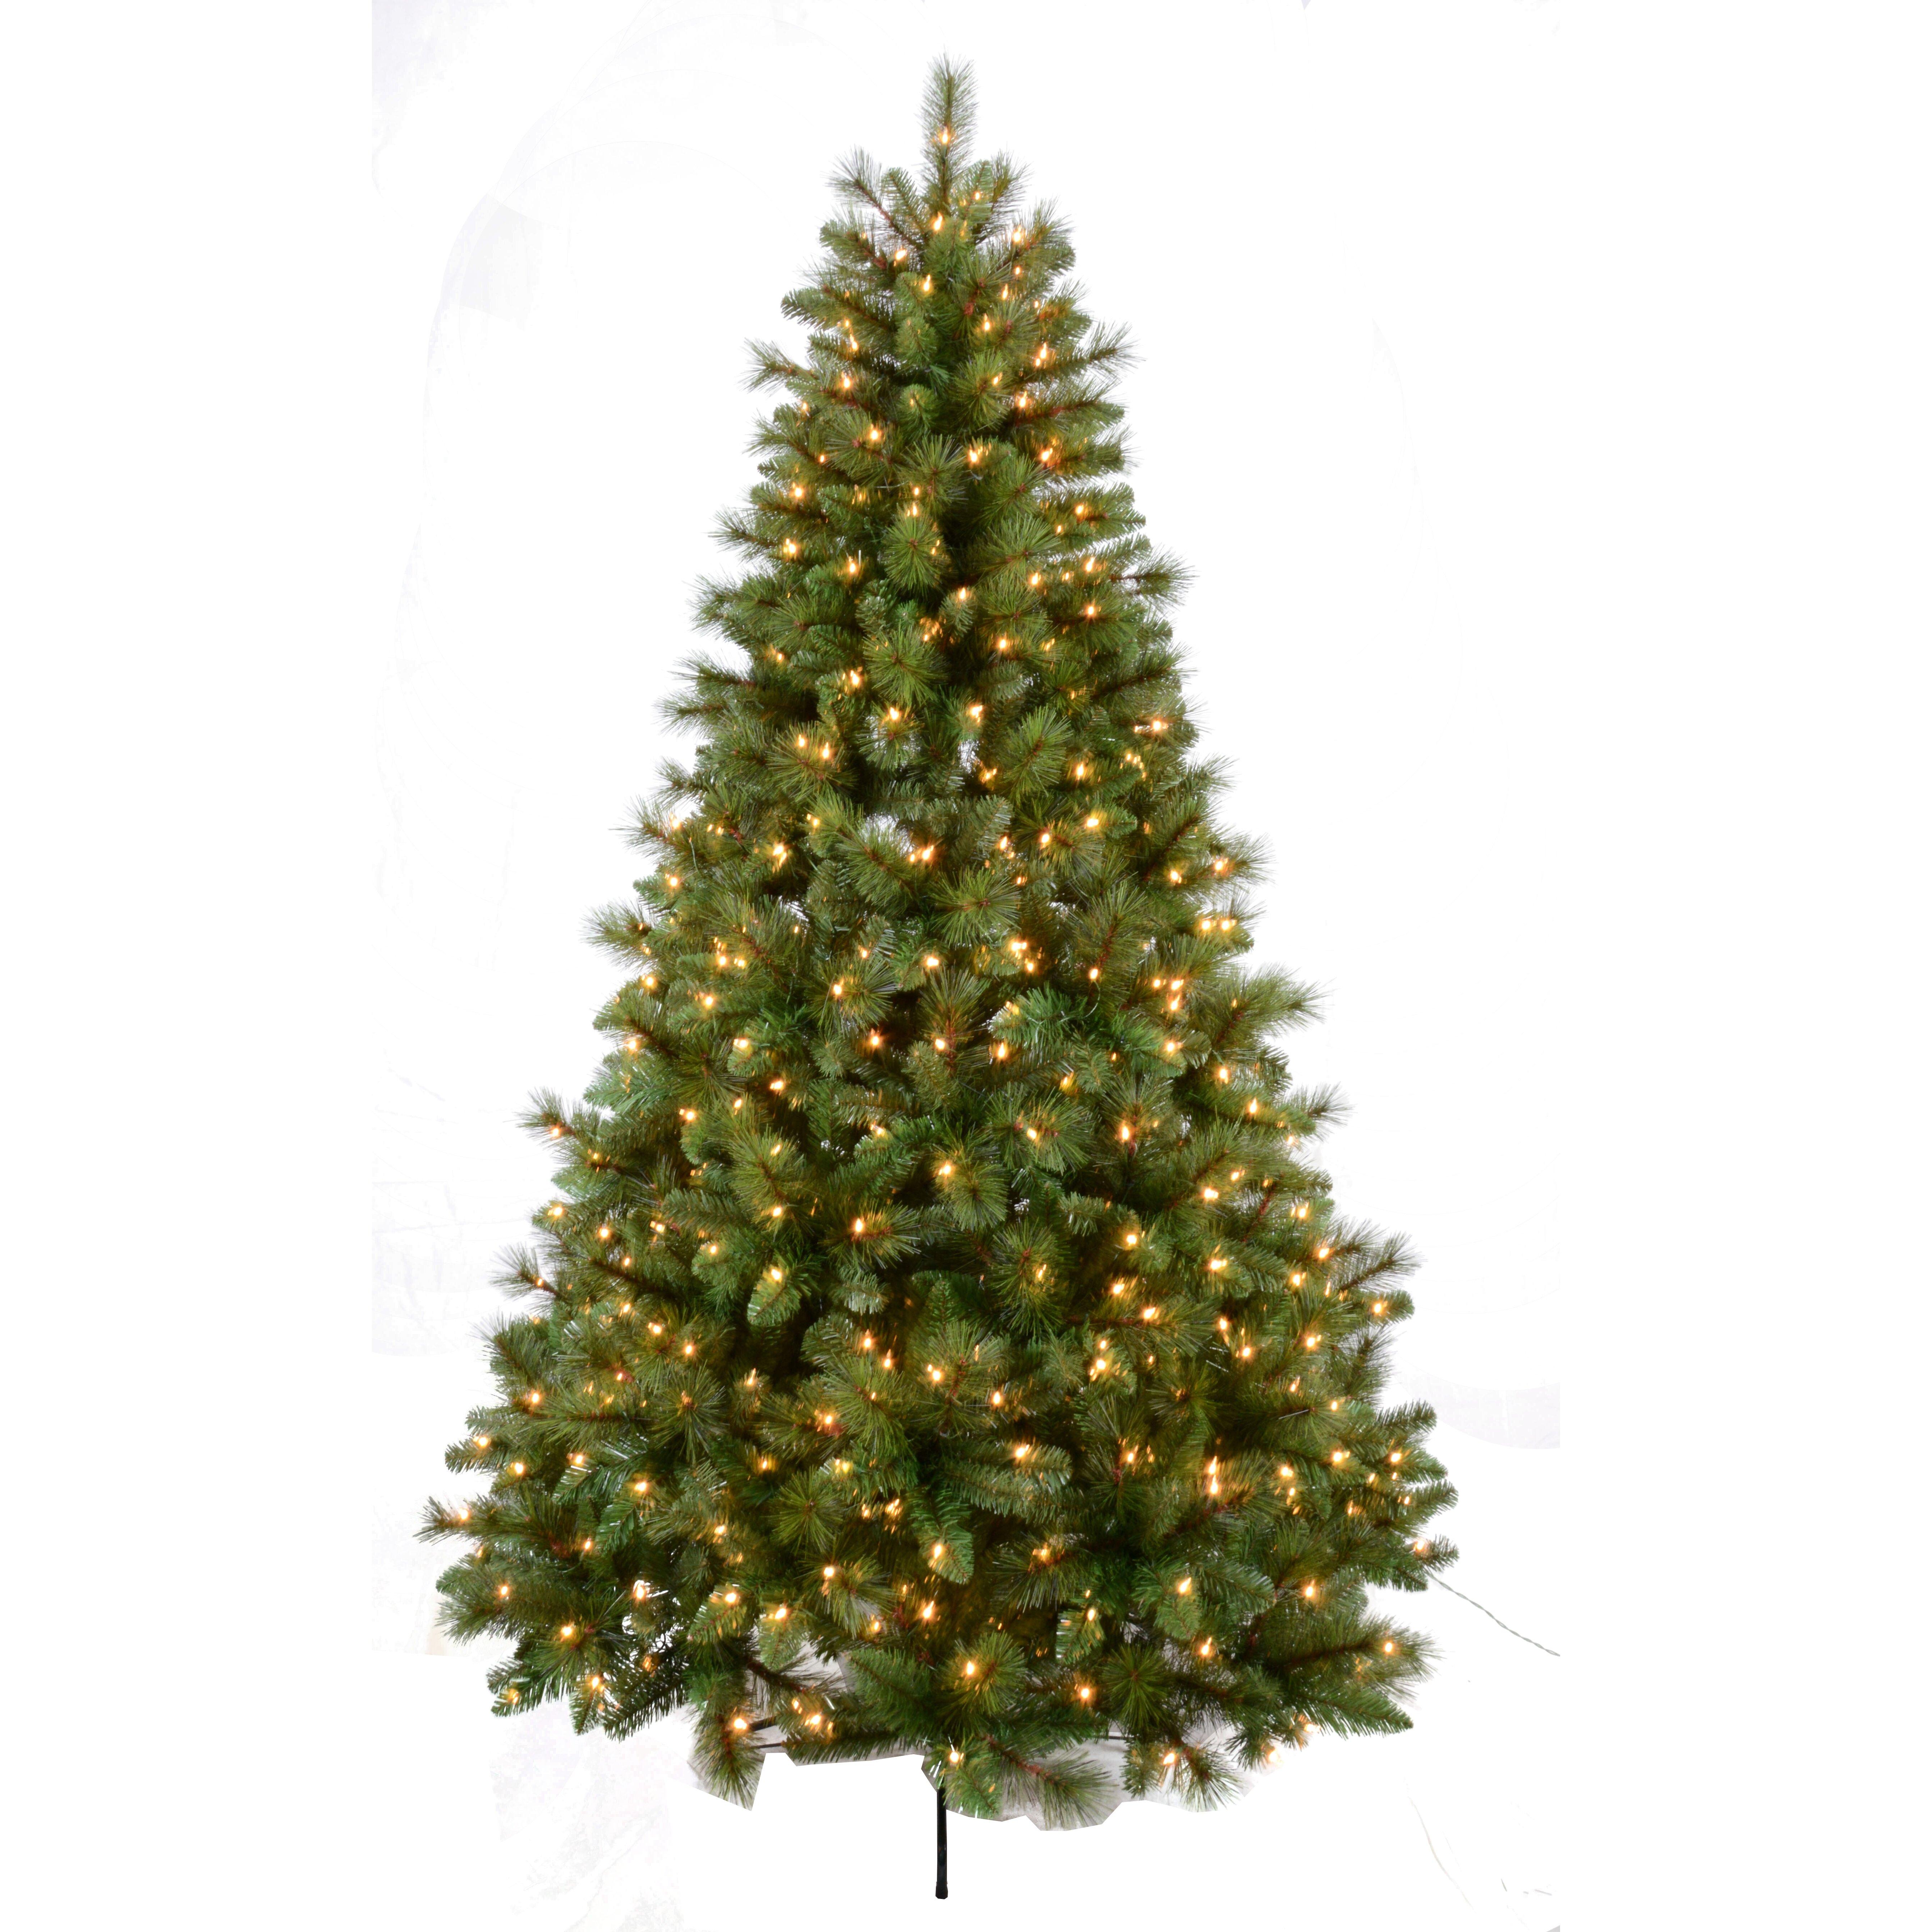 Christmas Tree Nursery Stock